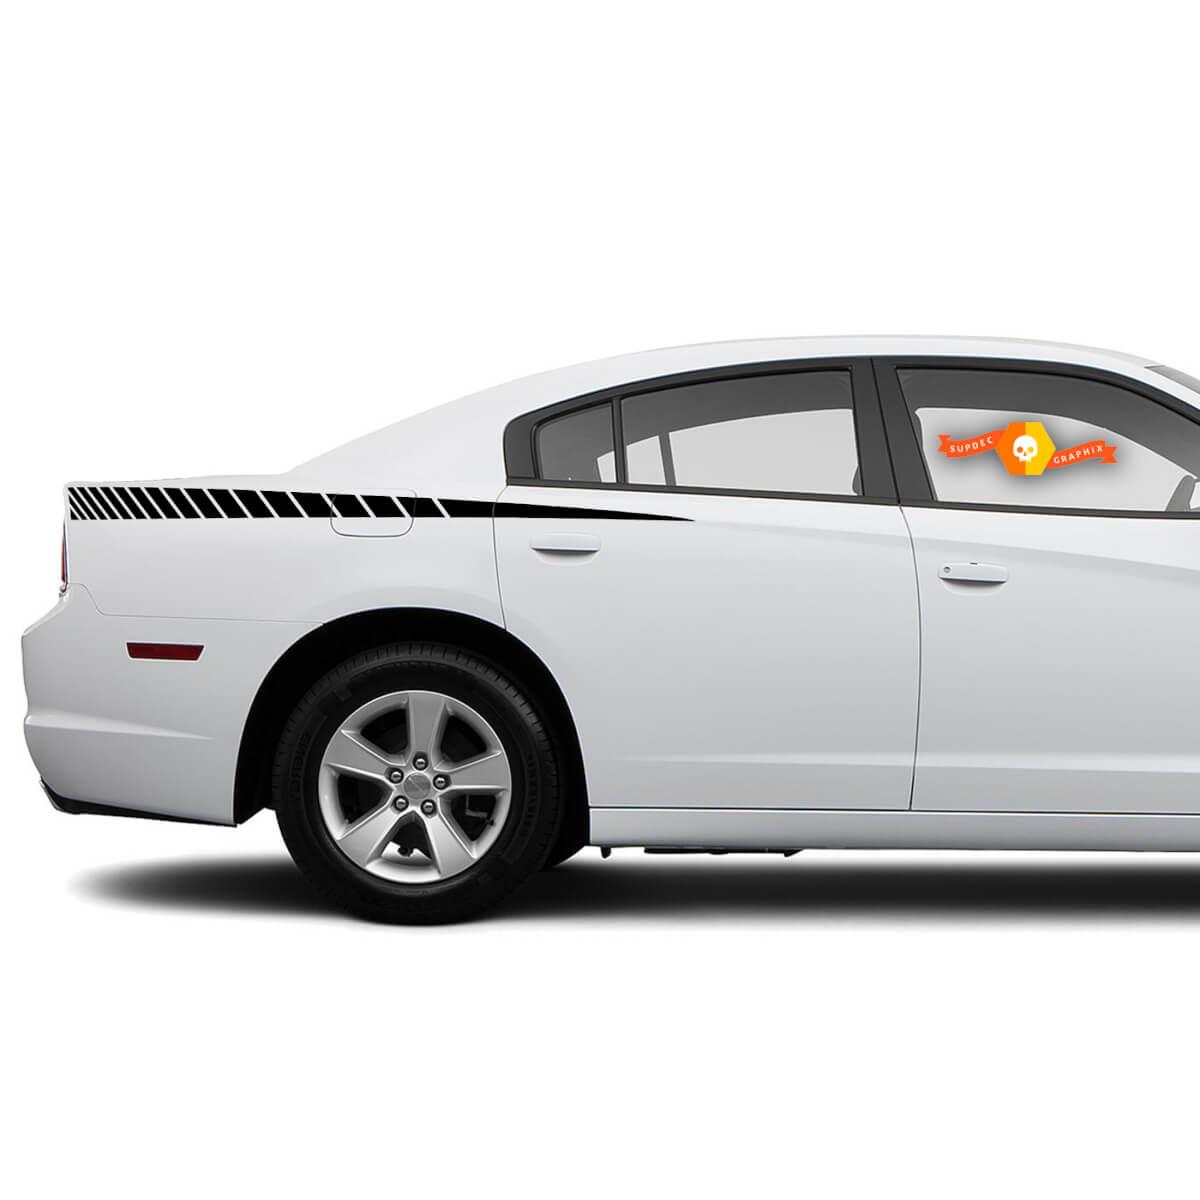 Dodge Charger Stripes Aufkleber Aufkleber Seitengrafiken passen zu Modellen 2011-2014